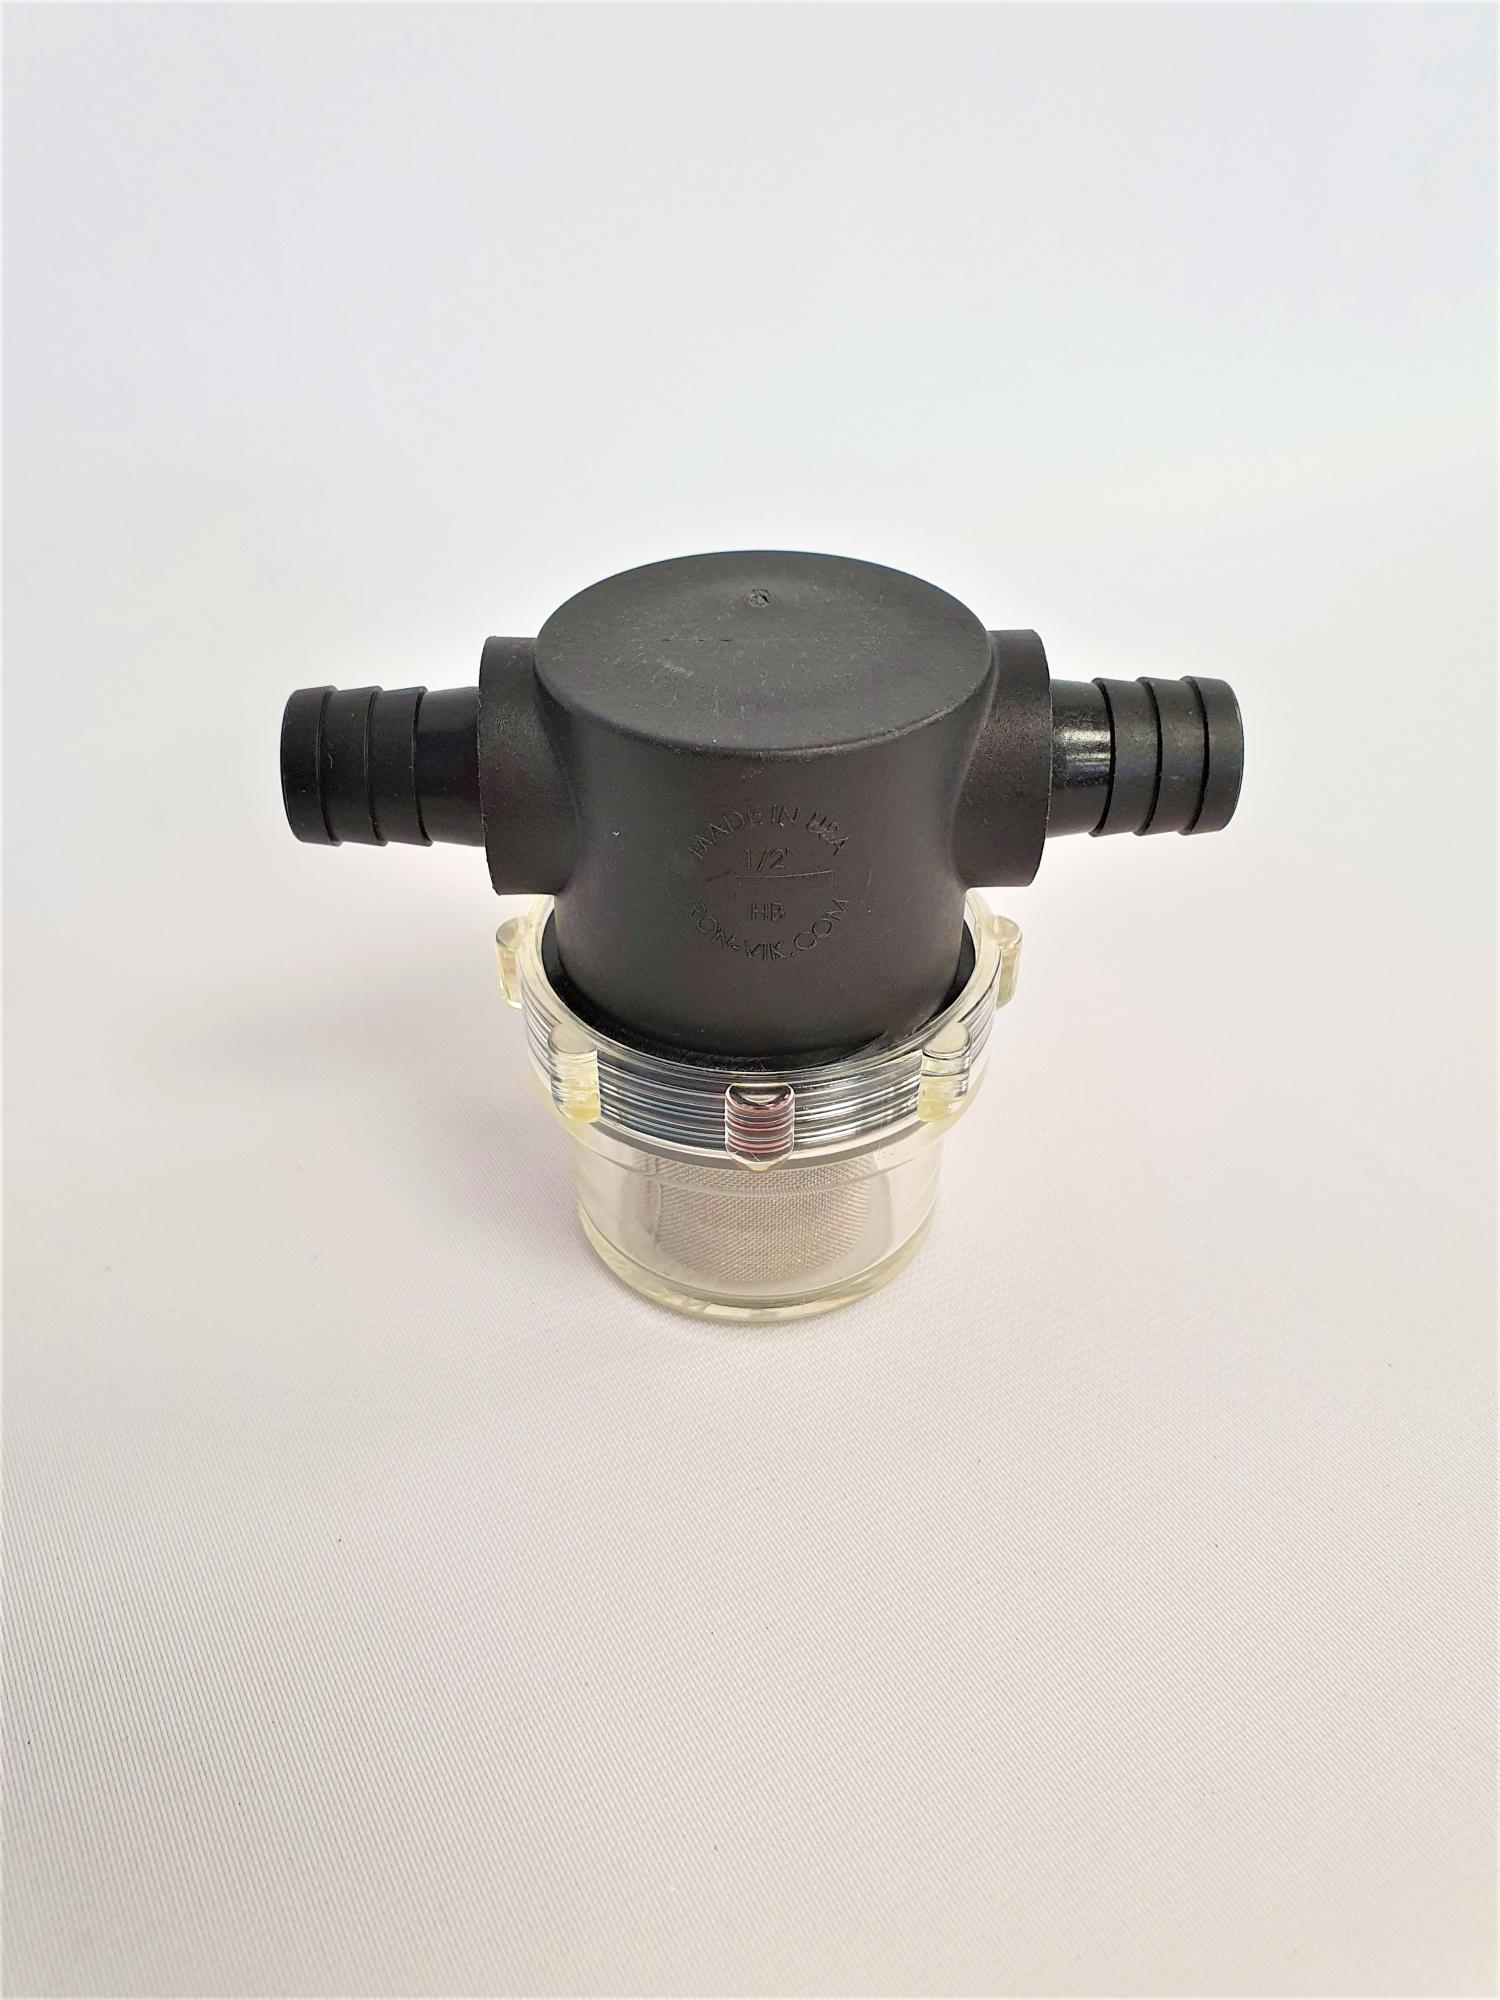 Filtre d'eau propre pour Autolaveuse TENNANT T300 / 43